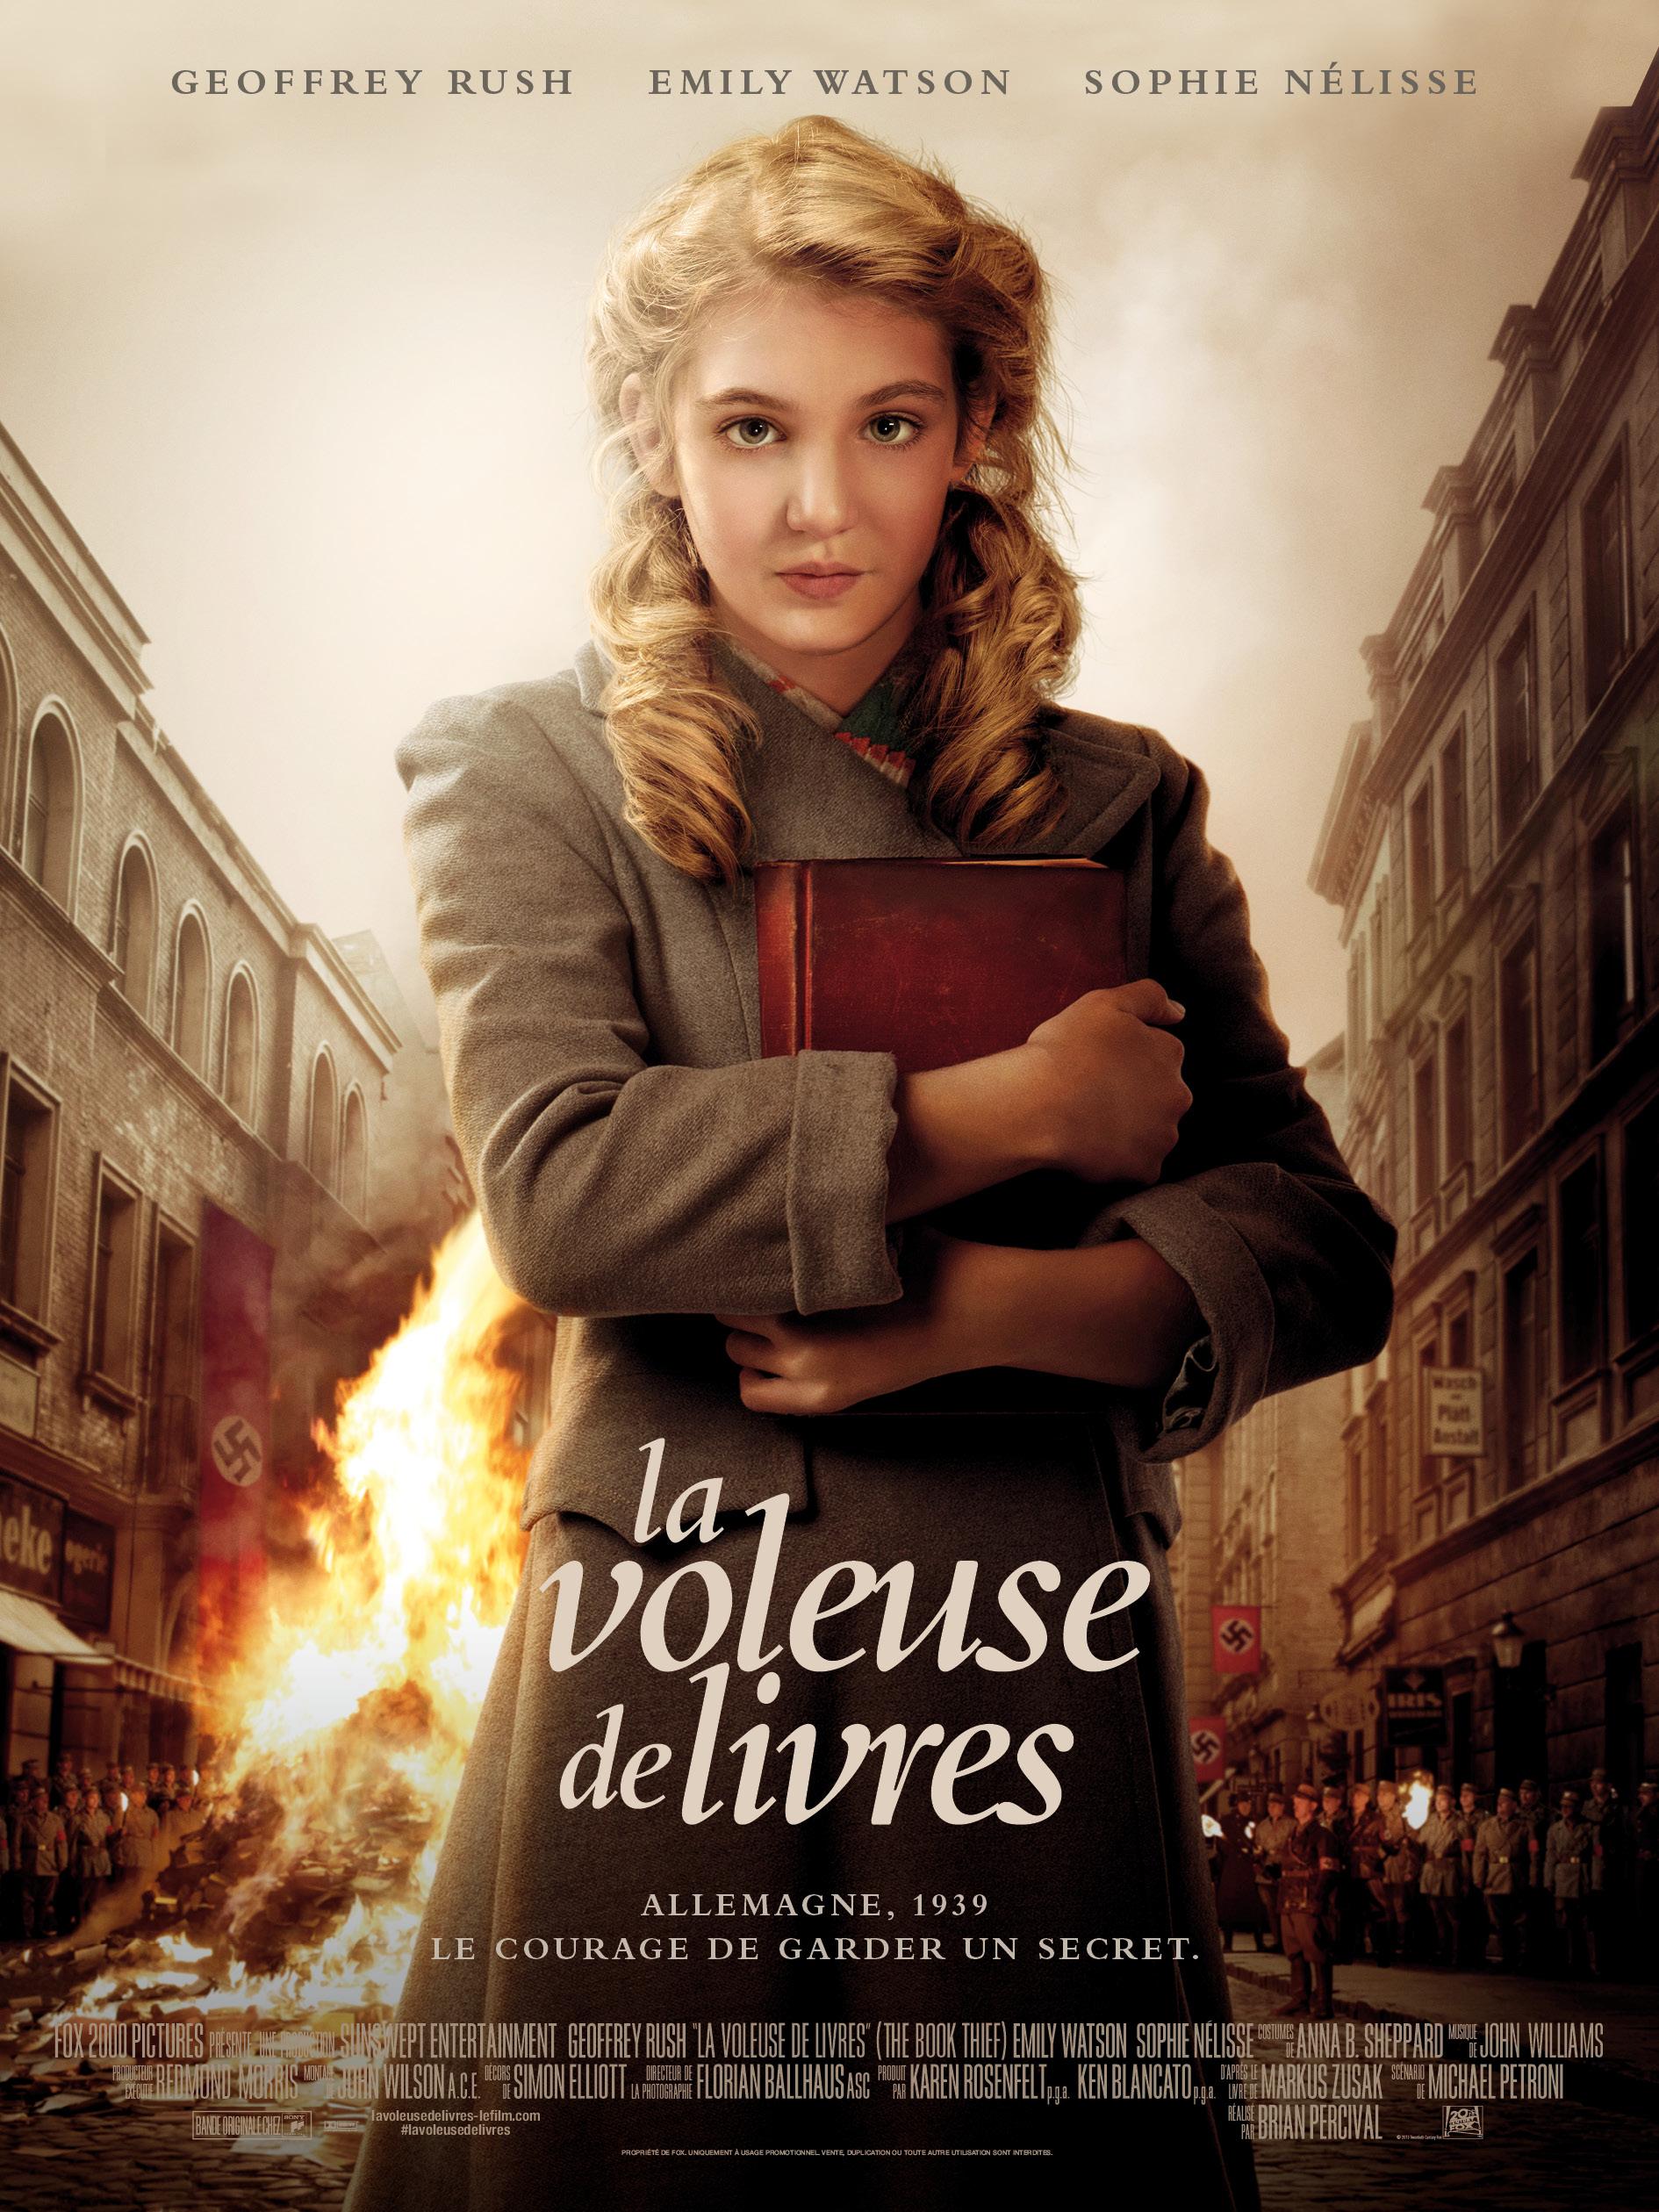 La_voleuse_de_livres_affiche